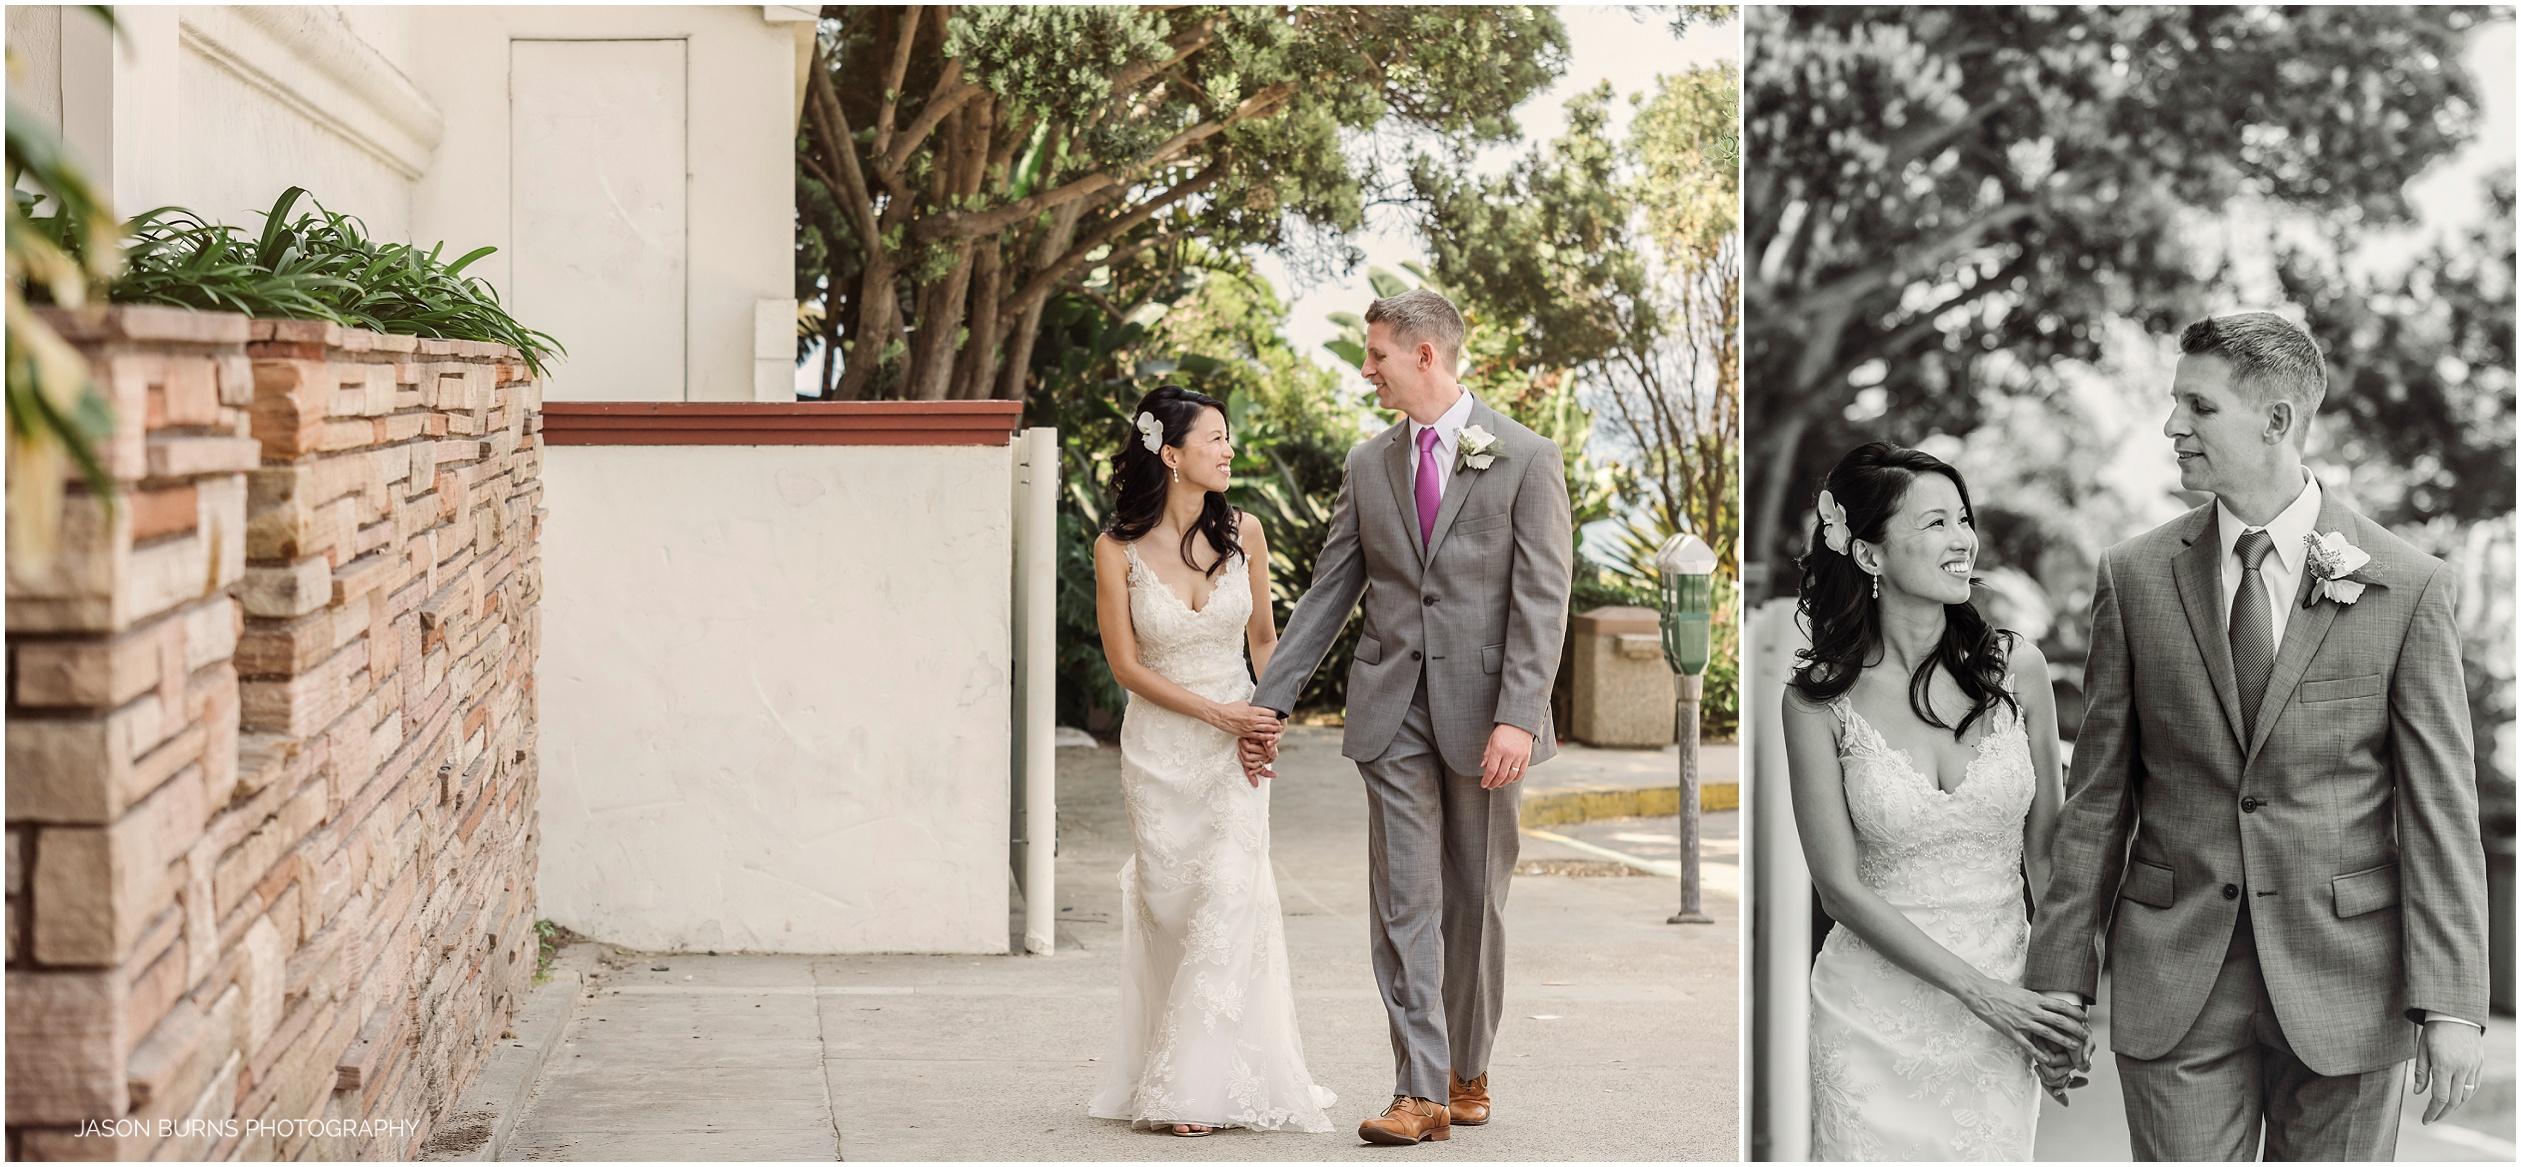 Hotel-laguna-wedding-laguna-beach23